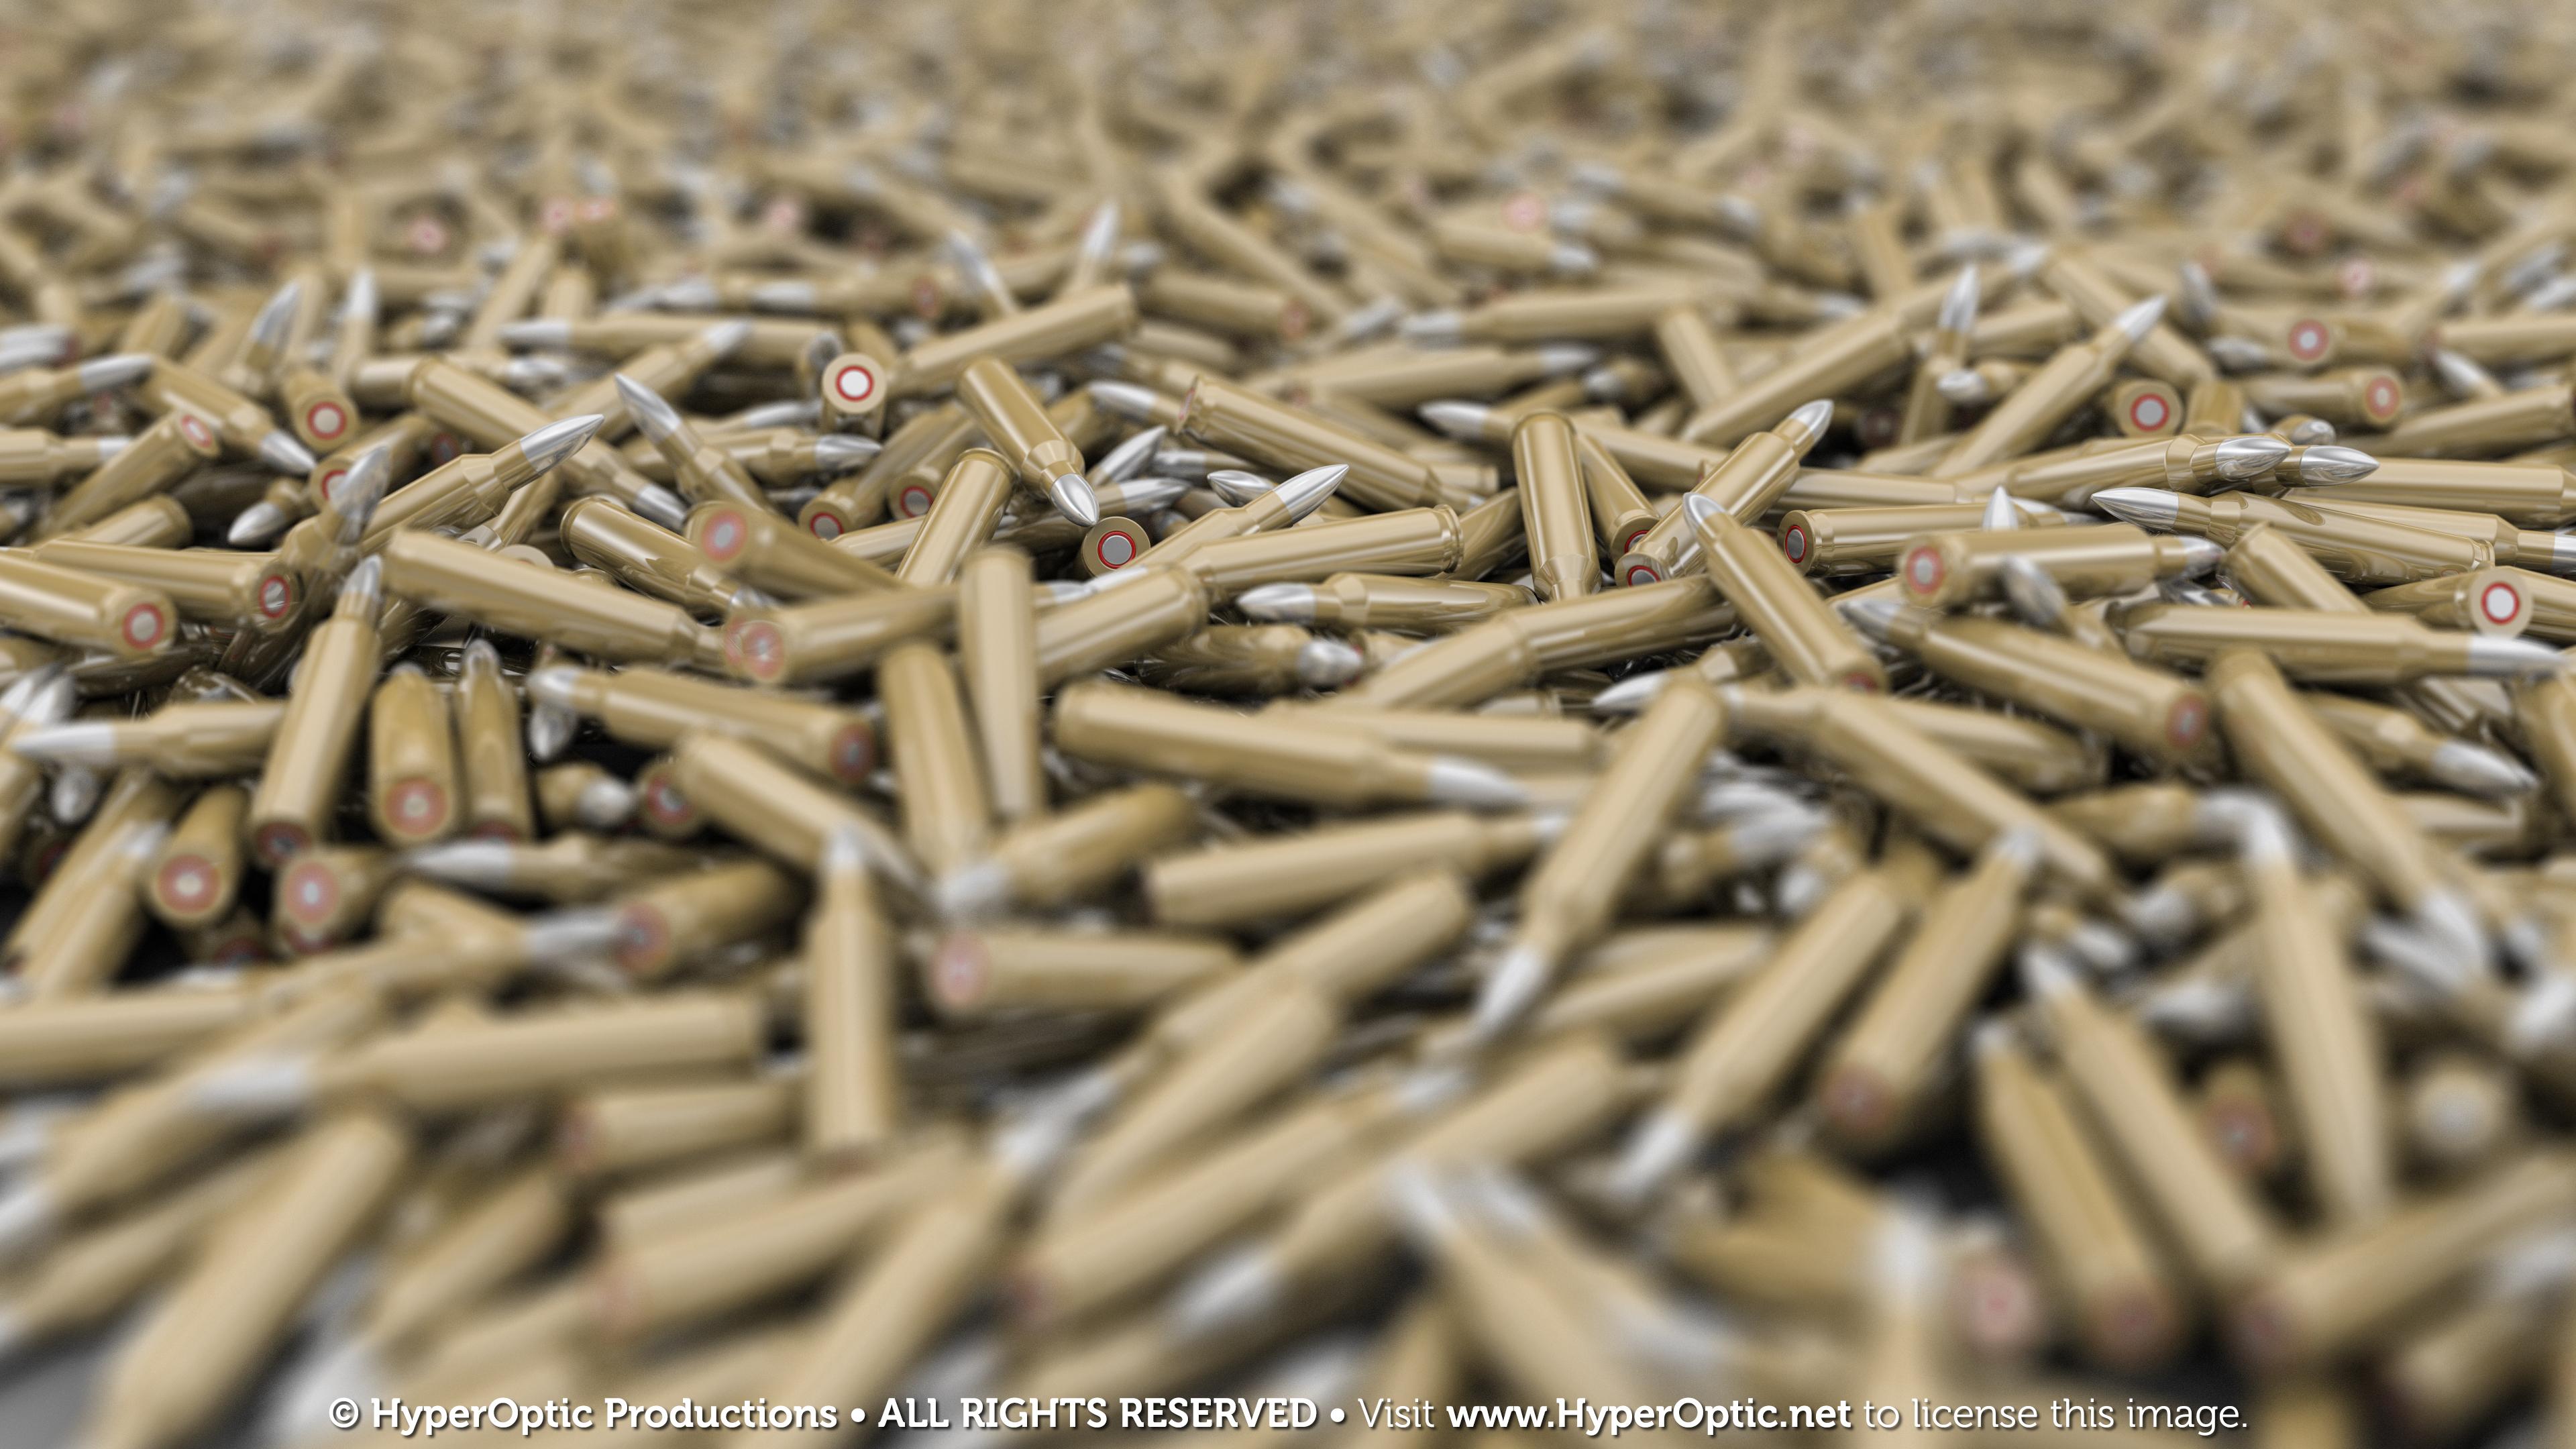 Pile-of-223-ammo-Shallow-DOF-[NO-GI-Medium]